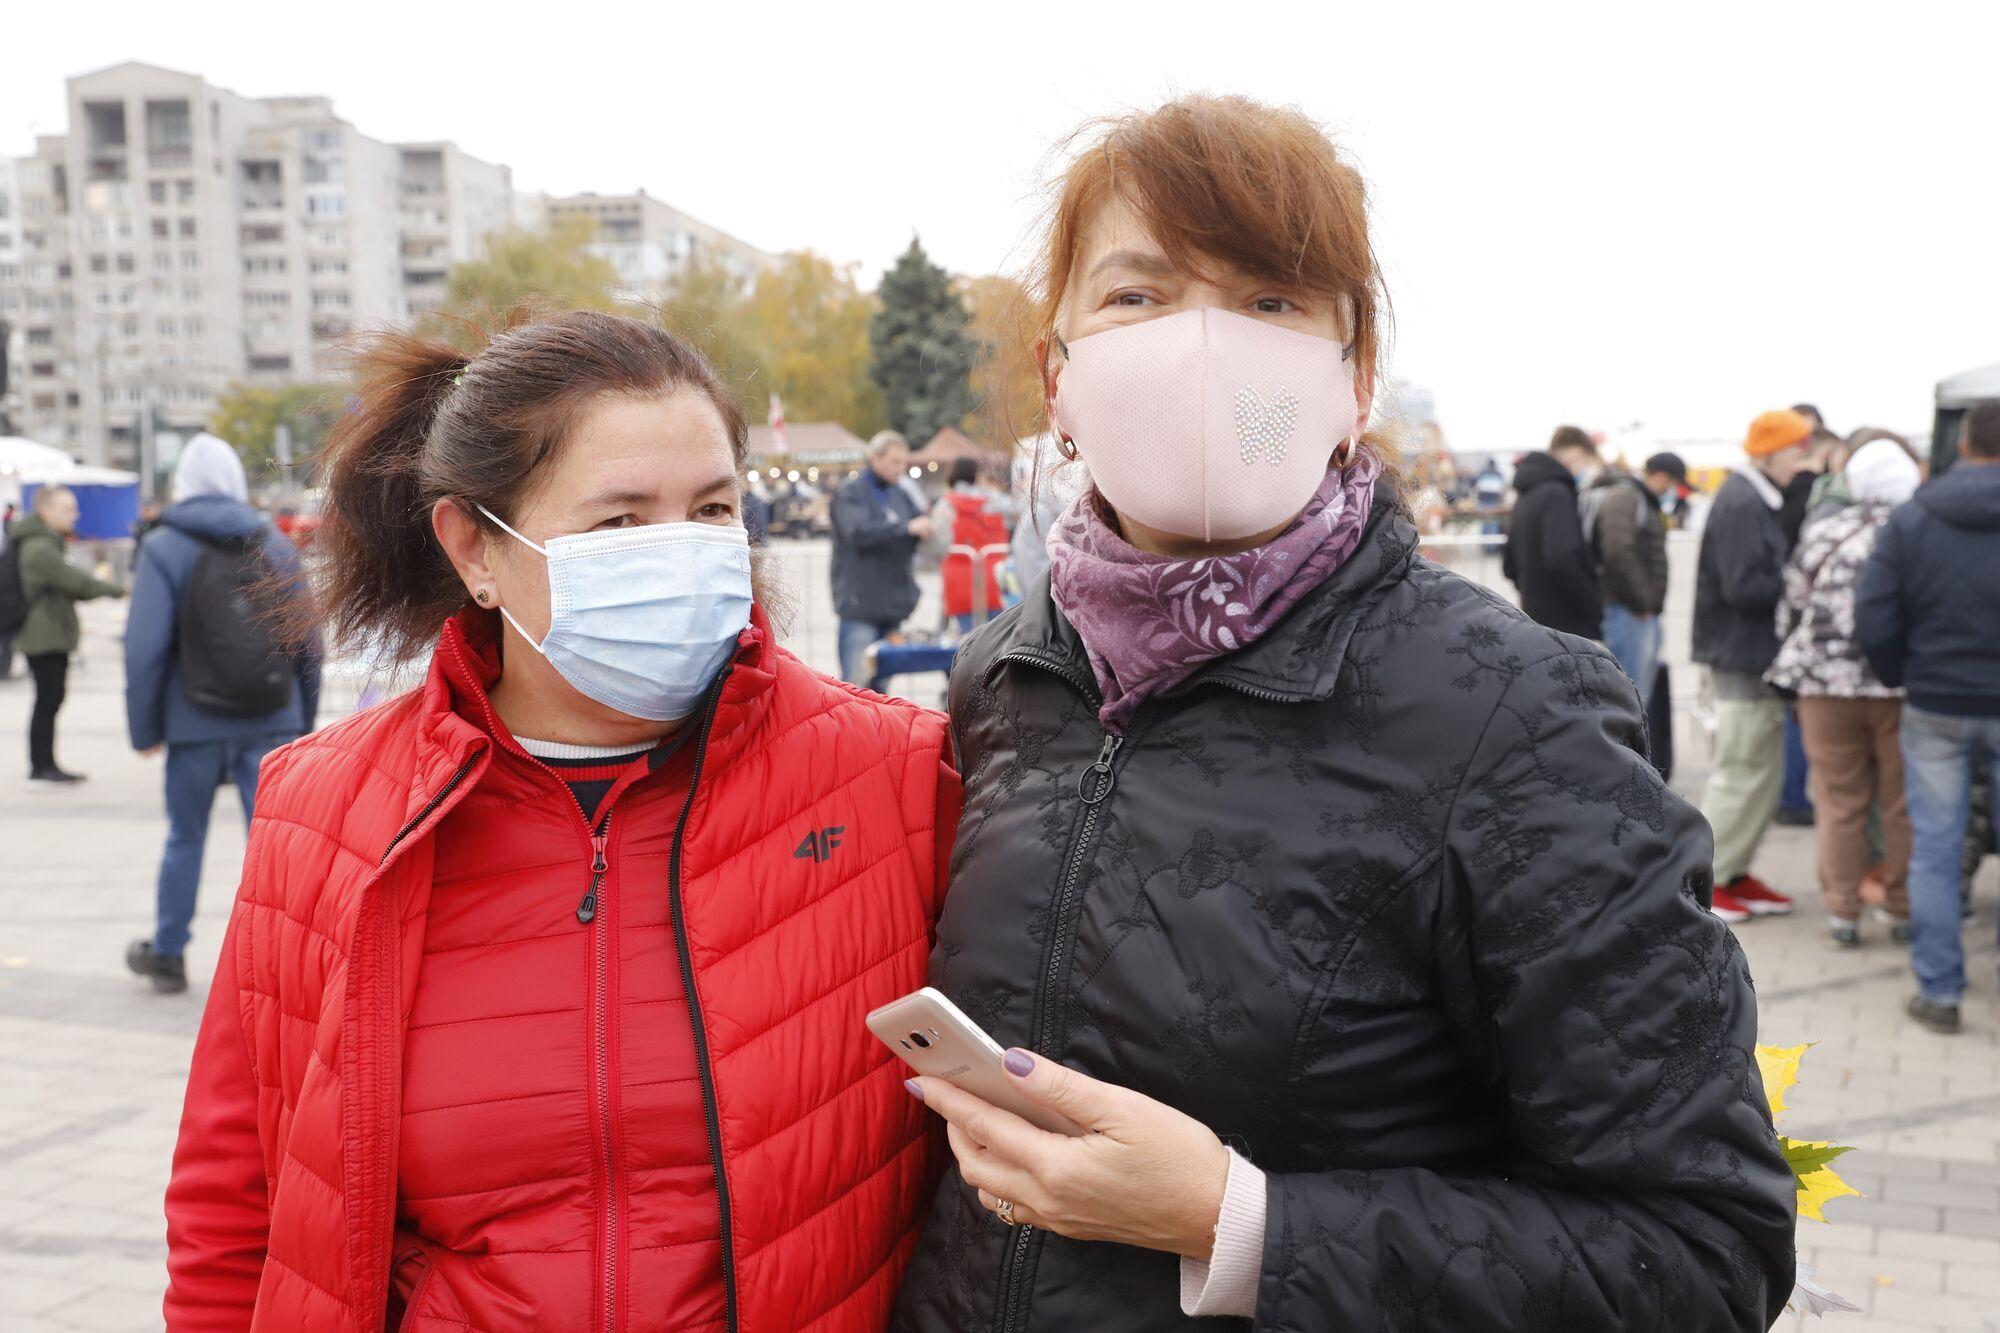 Днипрянка Инга посетила фестиваль вместе с подругой из Одессы